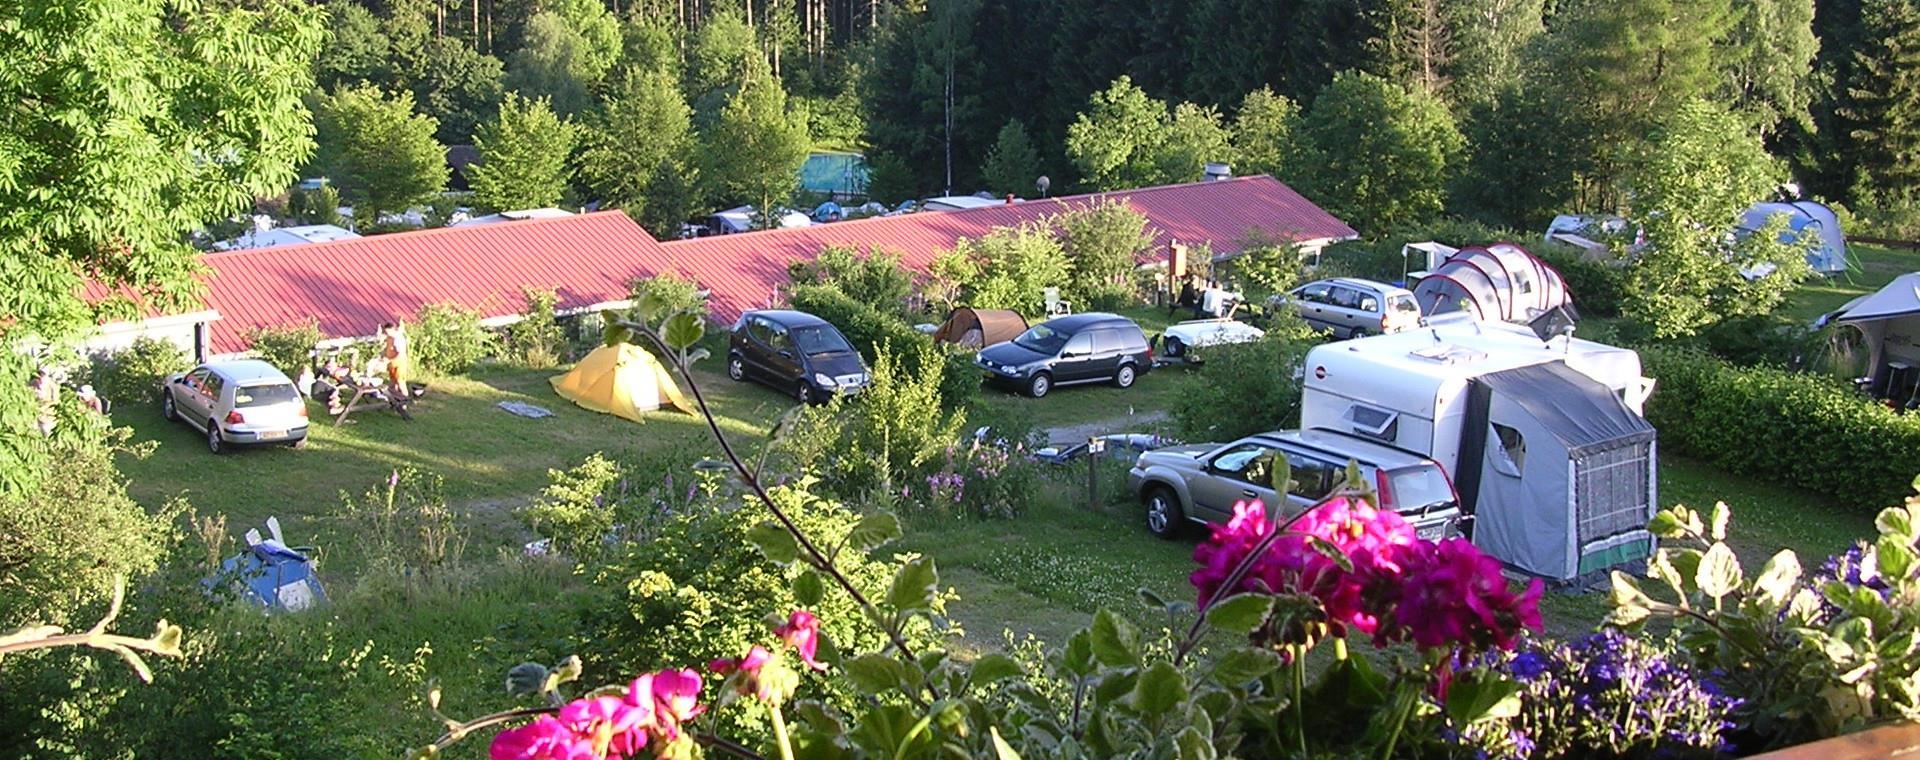 Emplacement - Emplacement + 1 Voiture + Tente / Caravane - Campingplatz Am Bärenbache